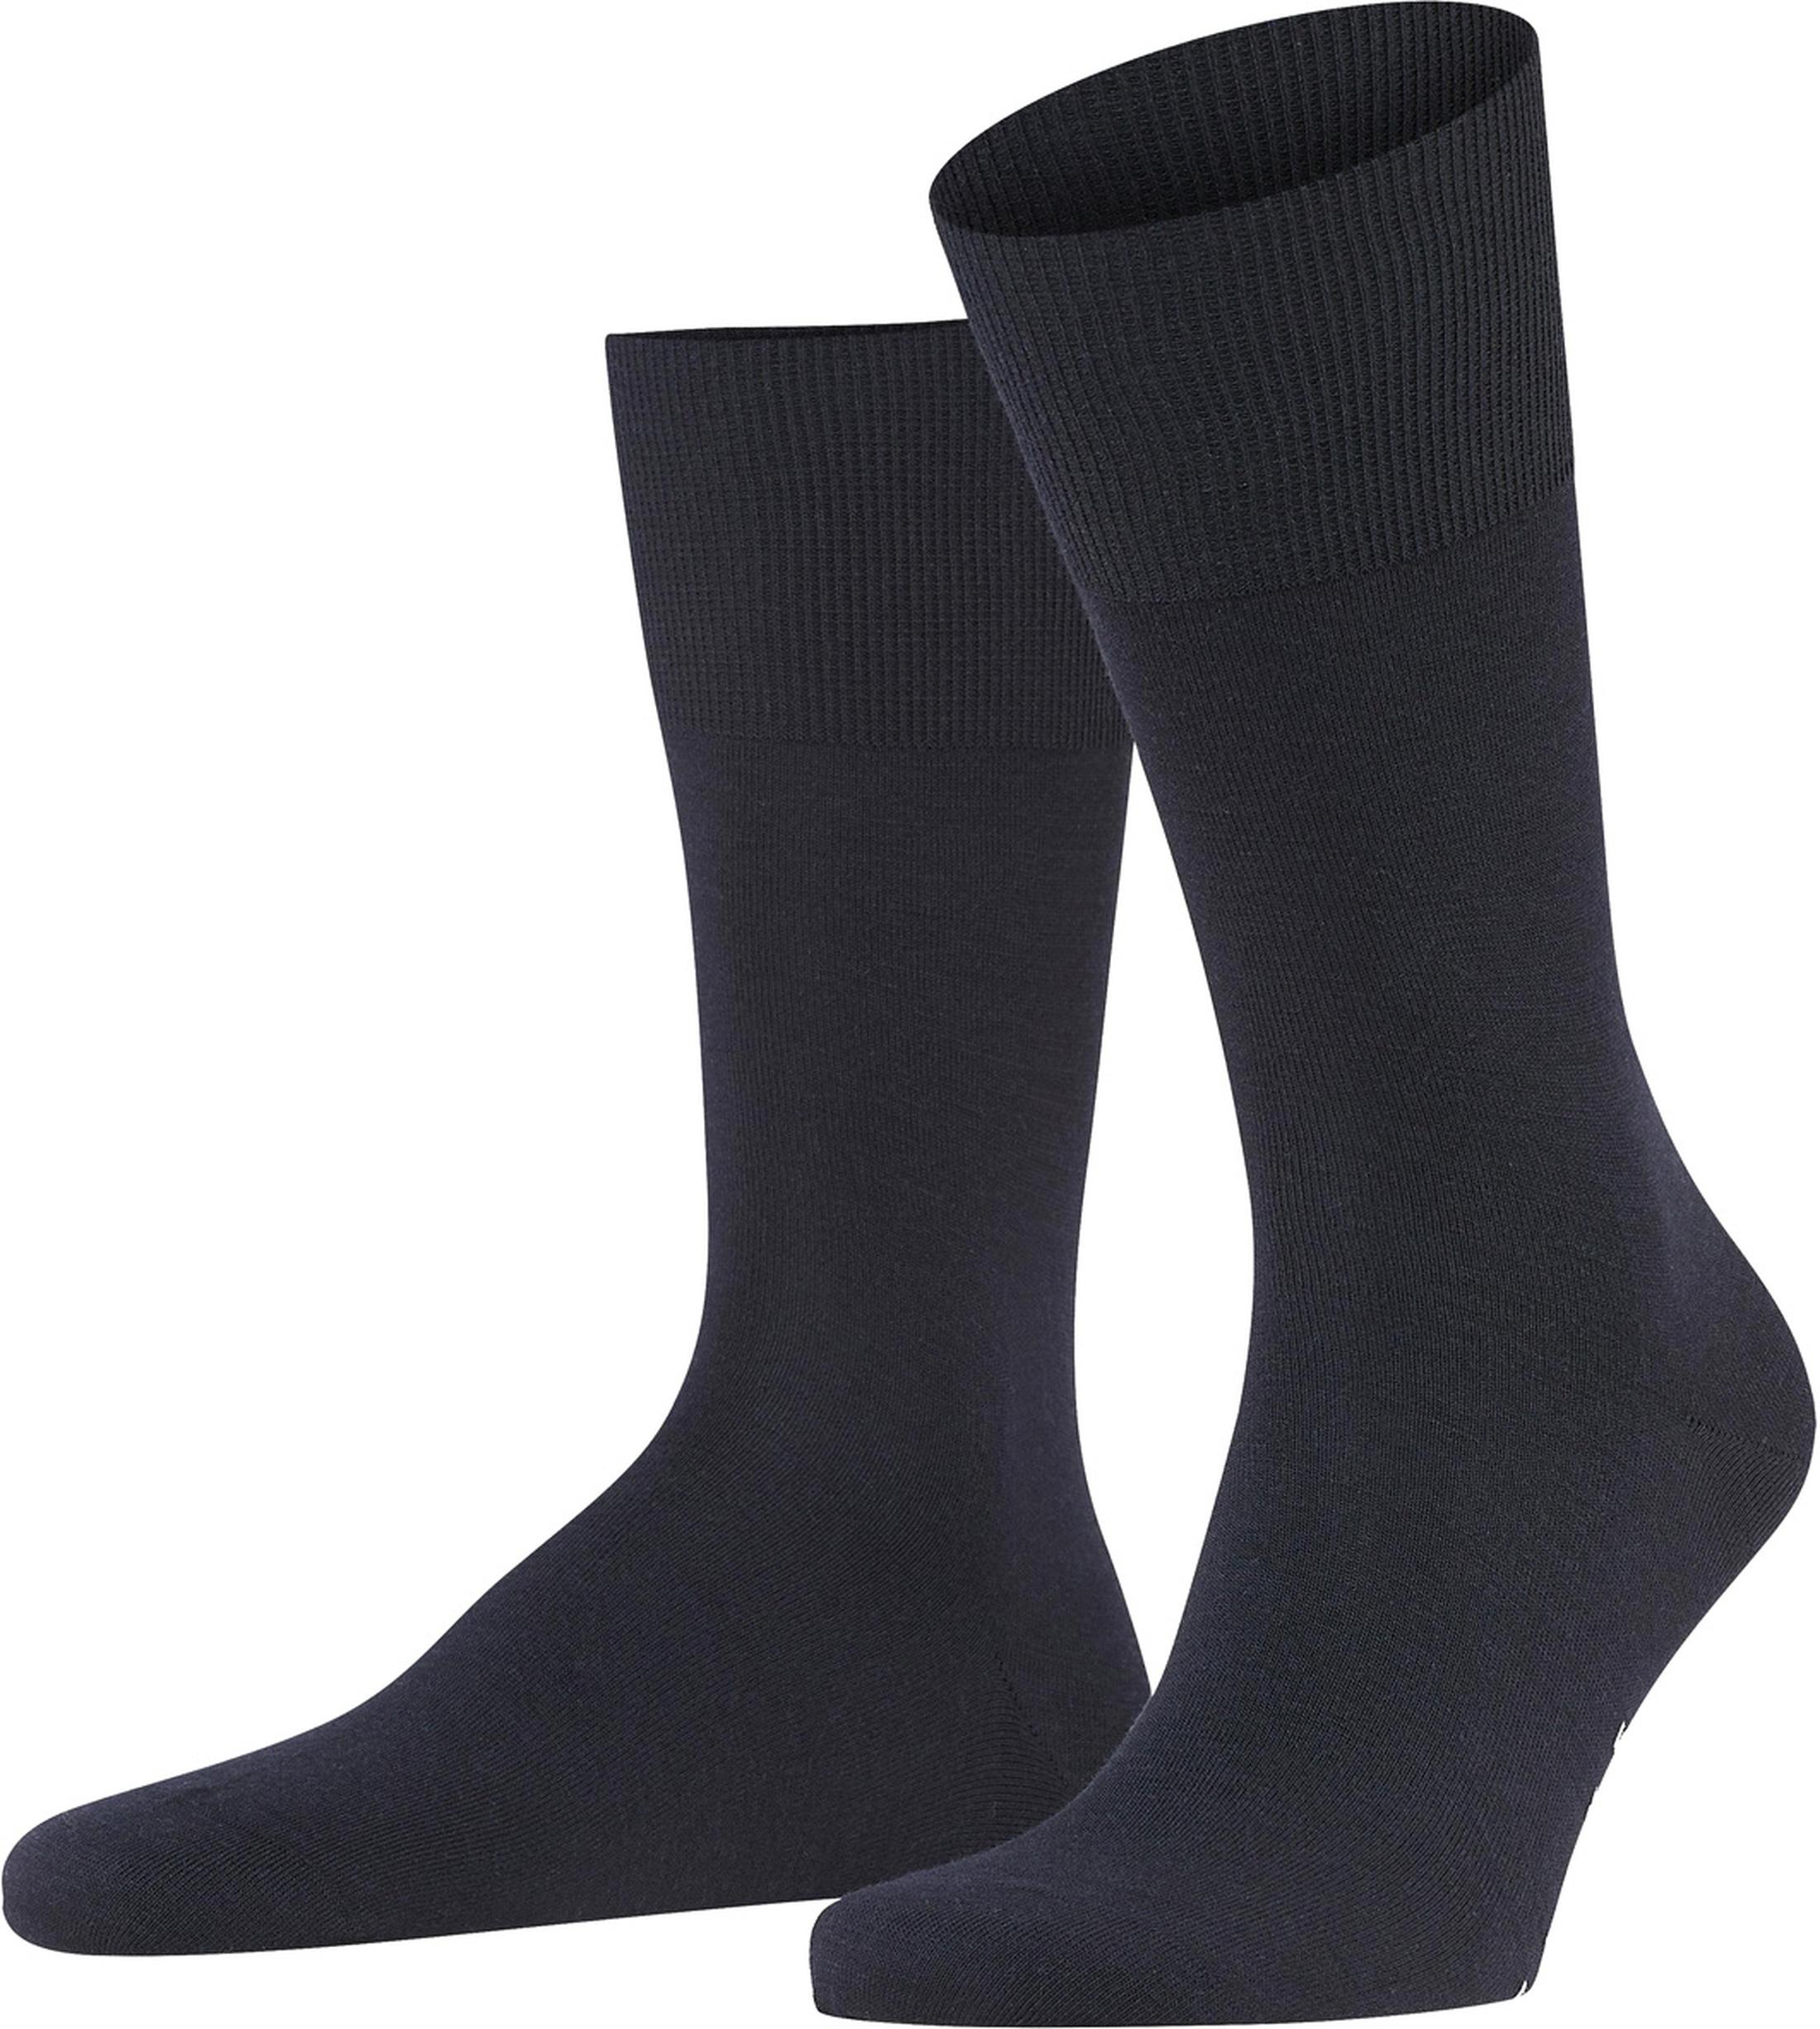 Falke Airport Socks Navy 6370